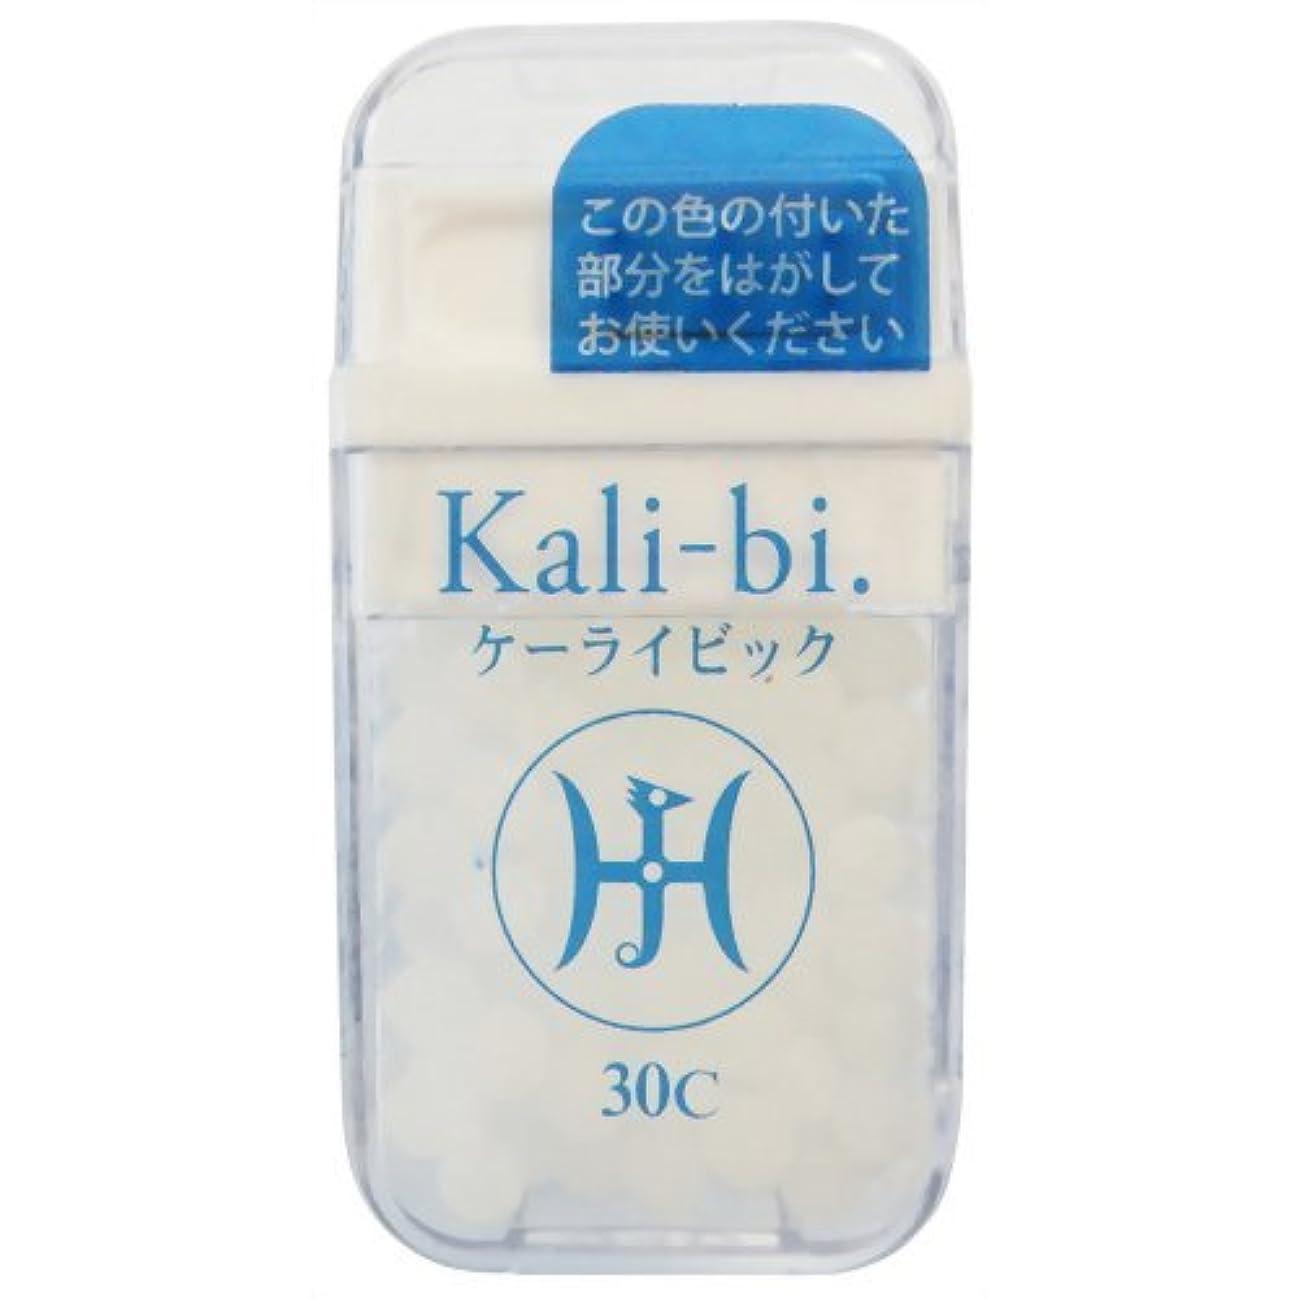 盆モーターゆるいホメオパシージャパンレメディー Kali-bi.  ケーライビック 30C (大ビン)